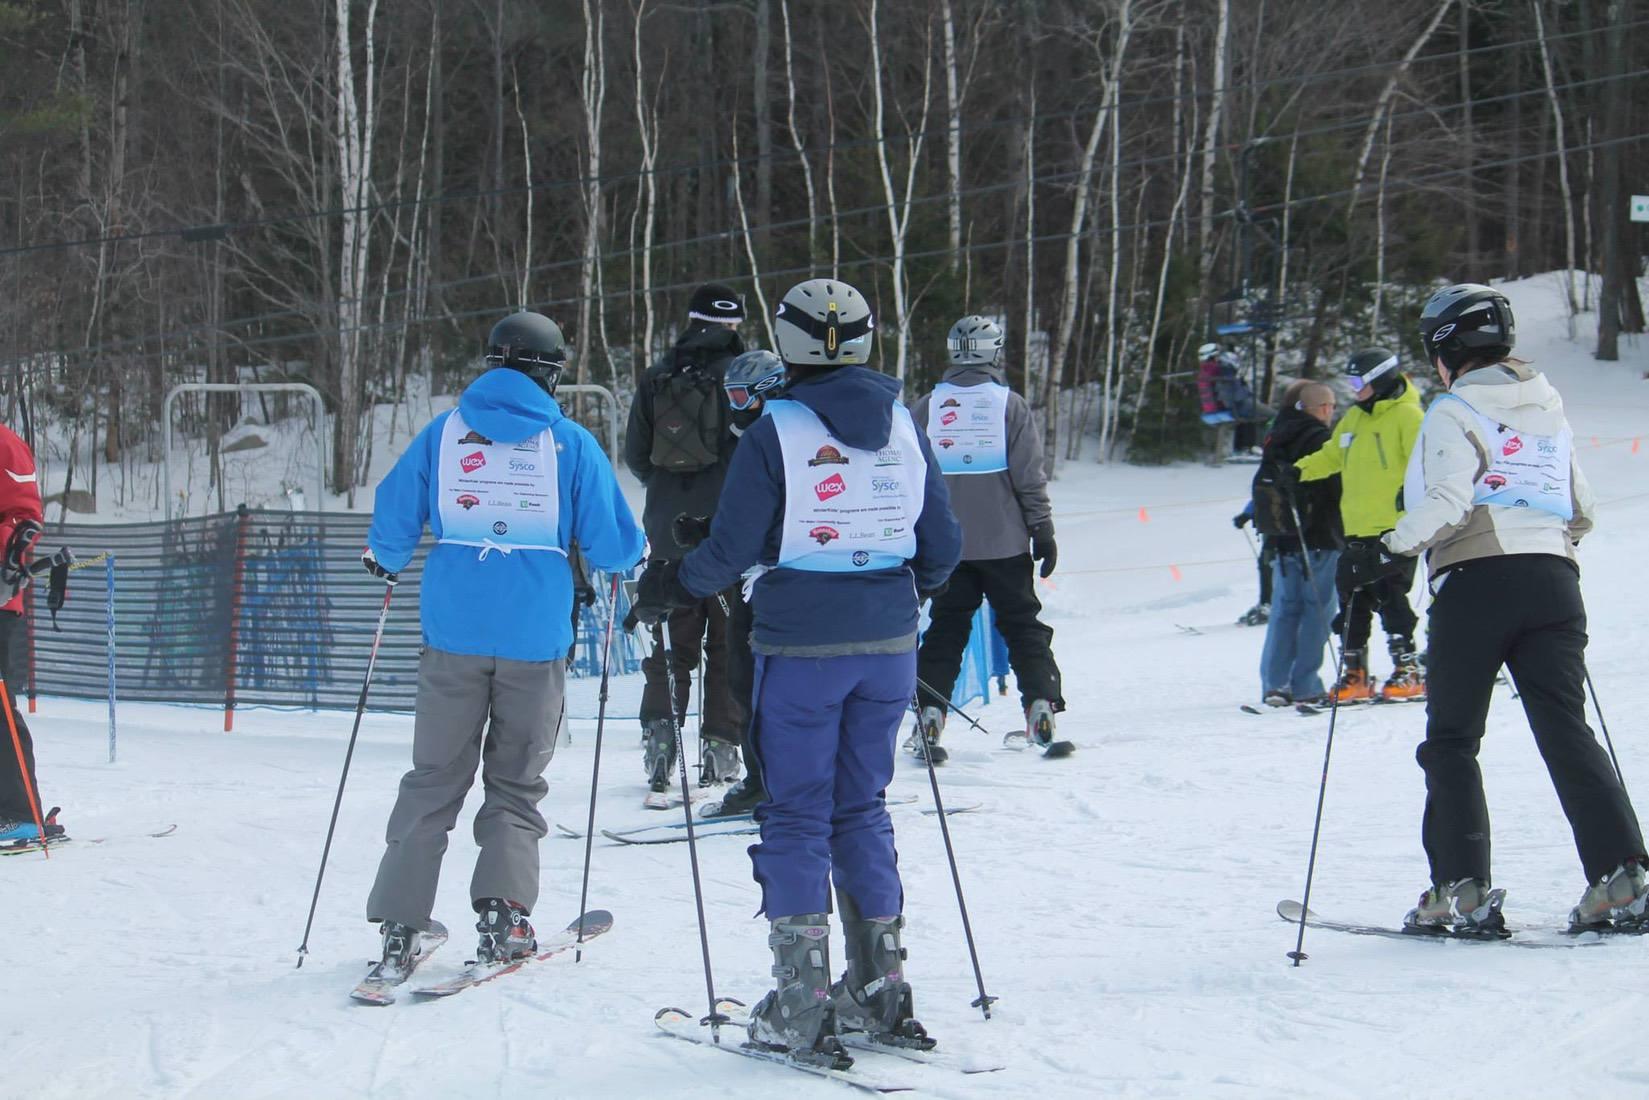 WinterKids Downhill24 2015 Mount Abram164